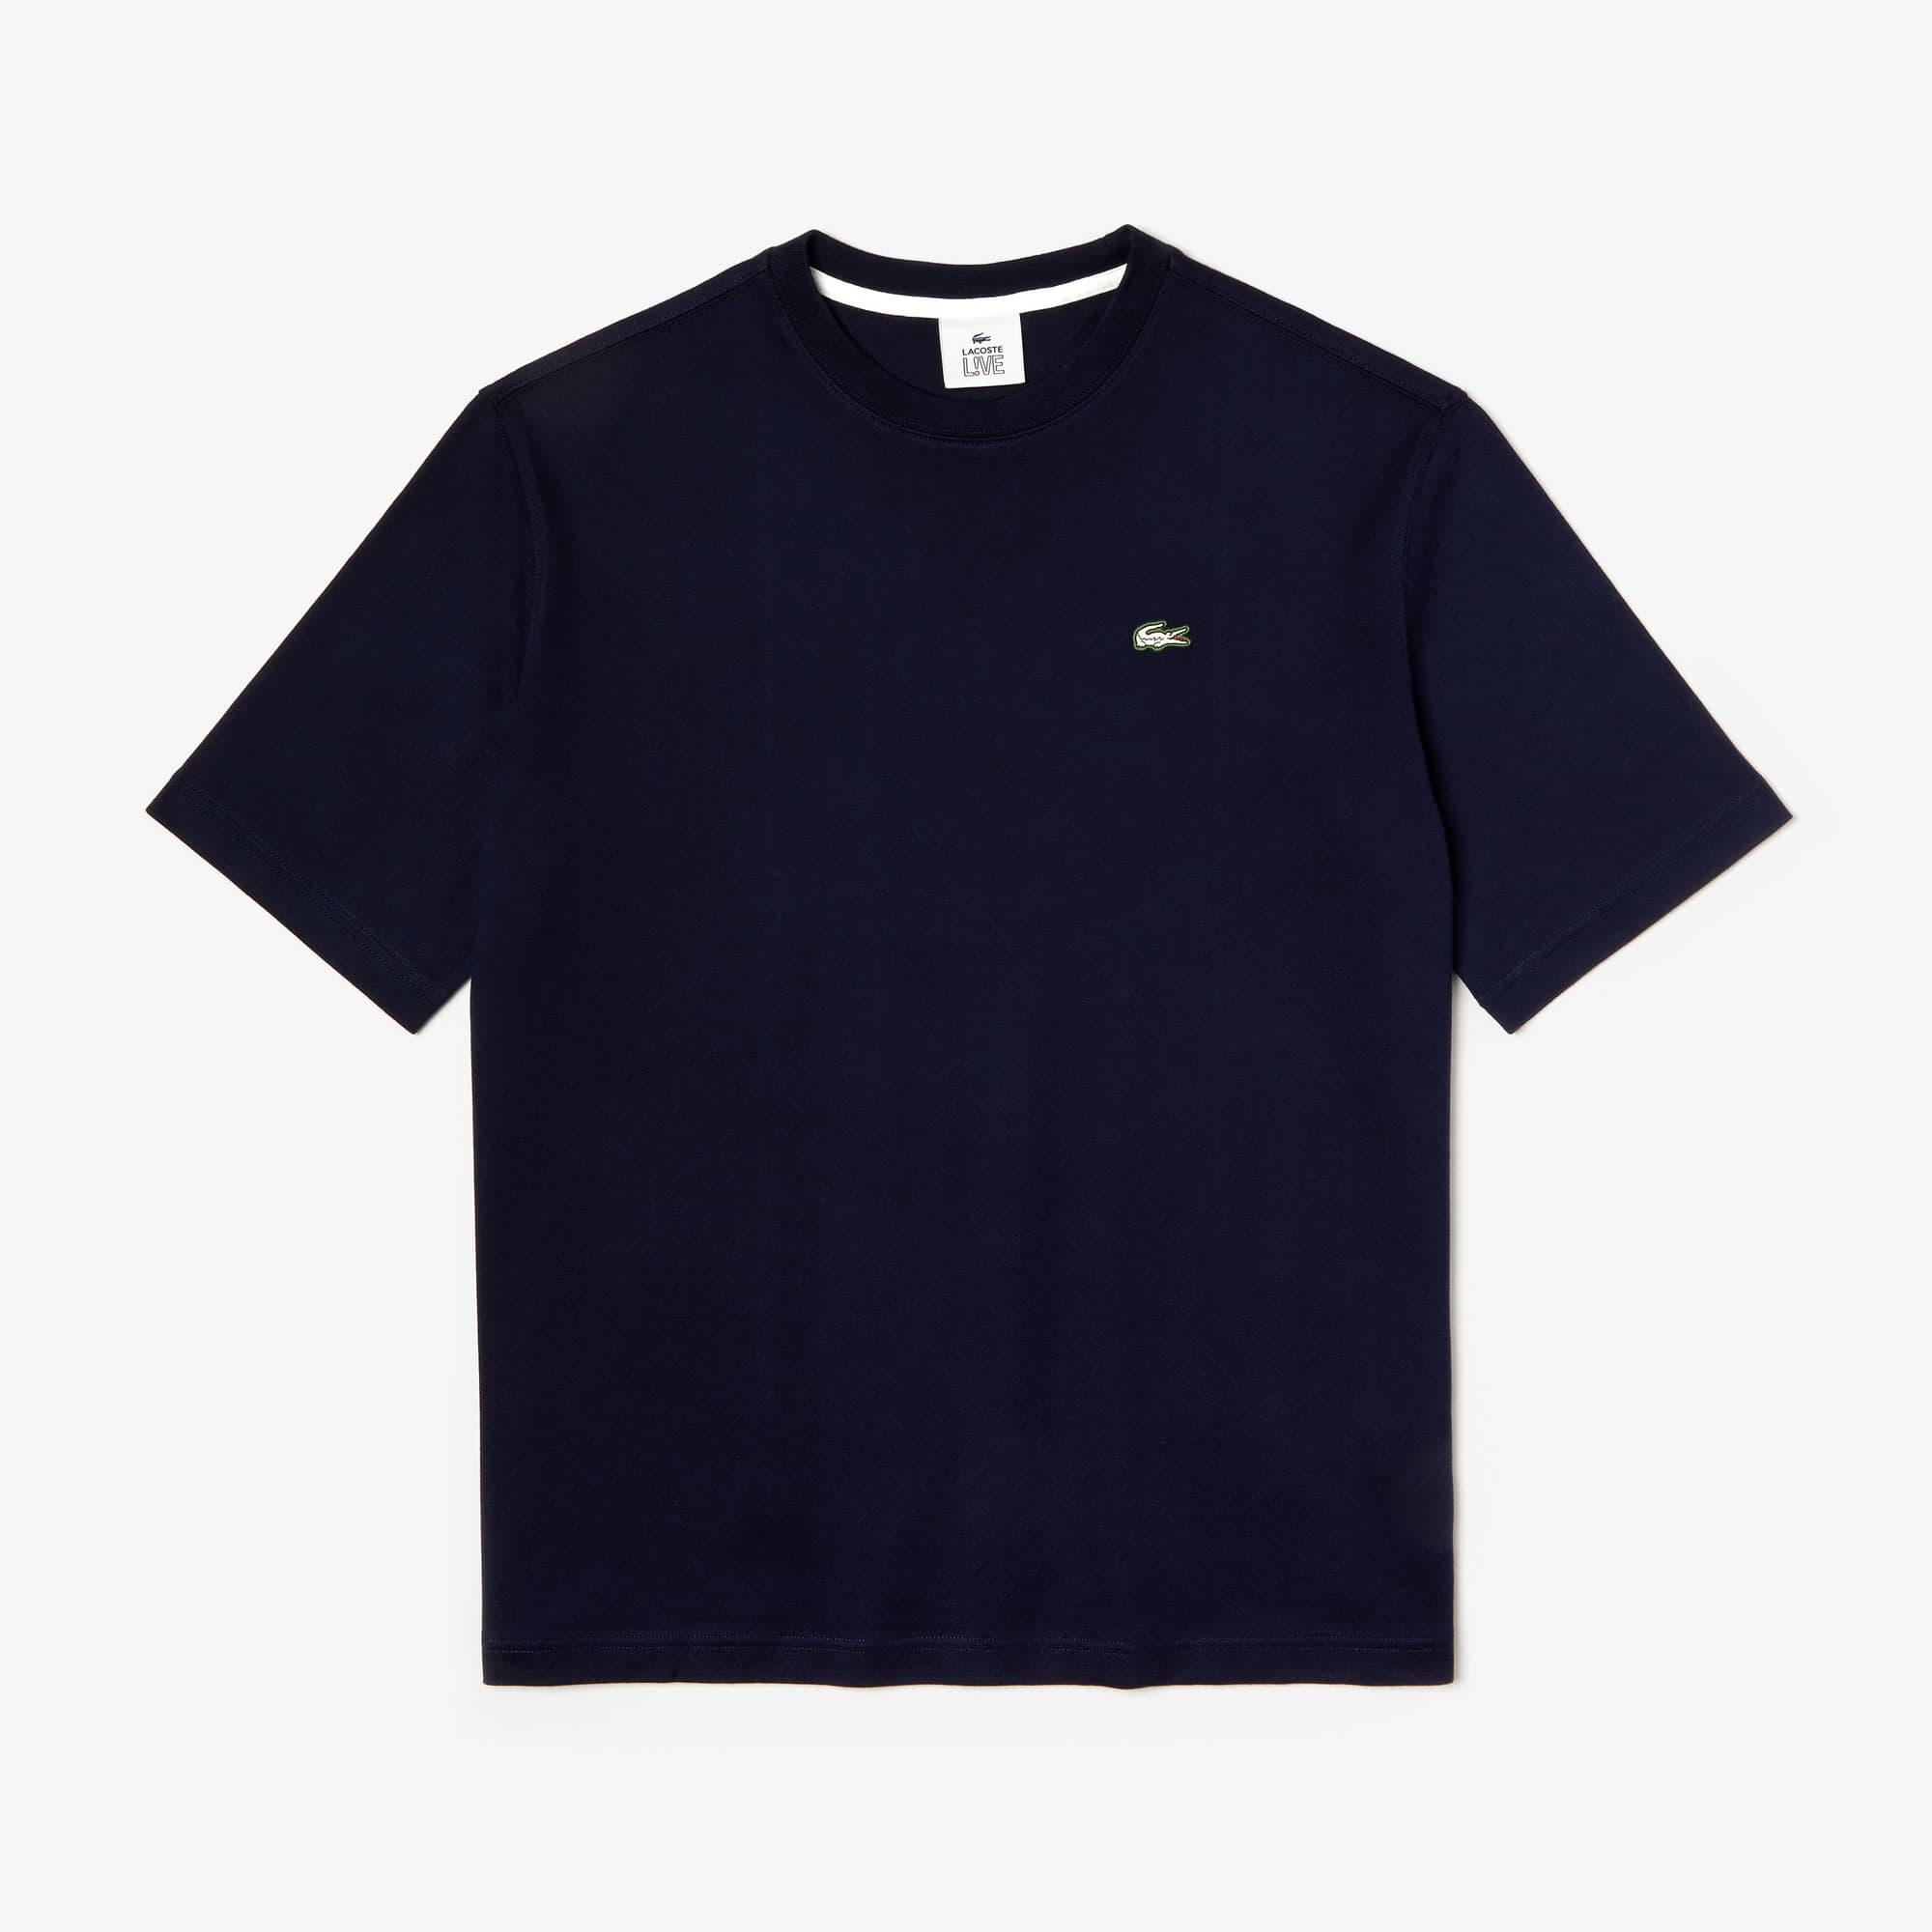 Lacoste Tops Men's LIVE Loose-Fit Cotton T-shirt